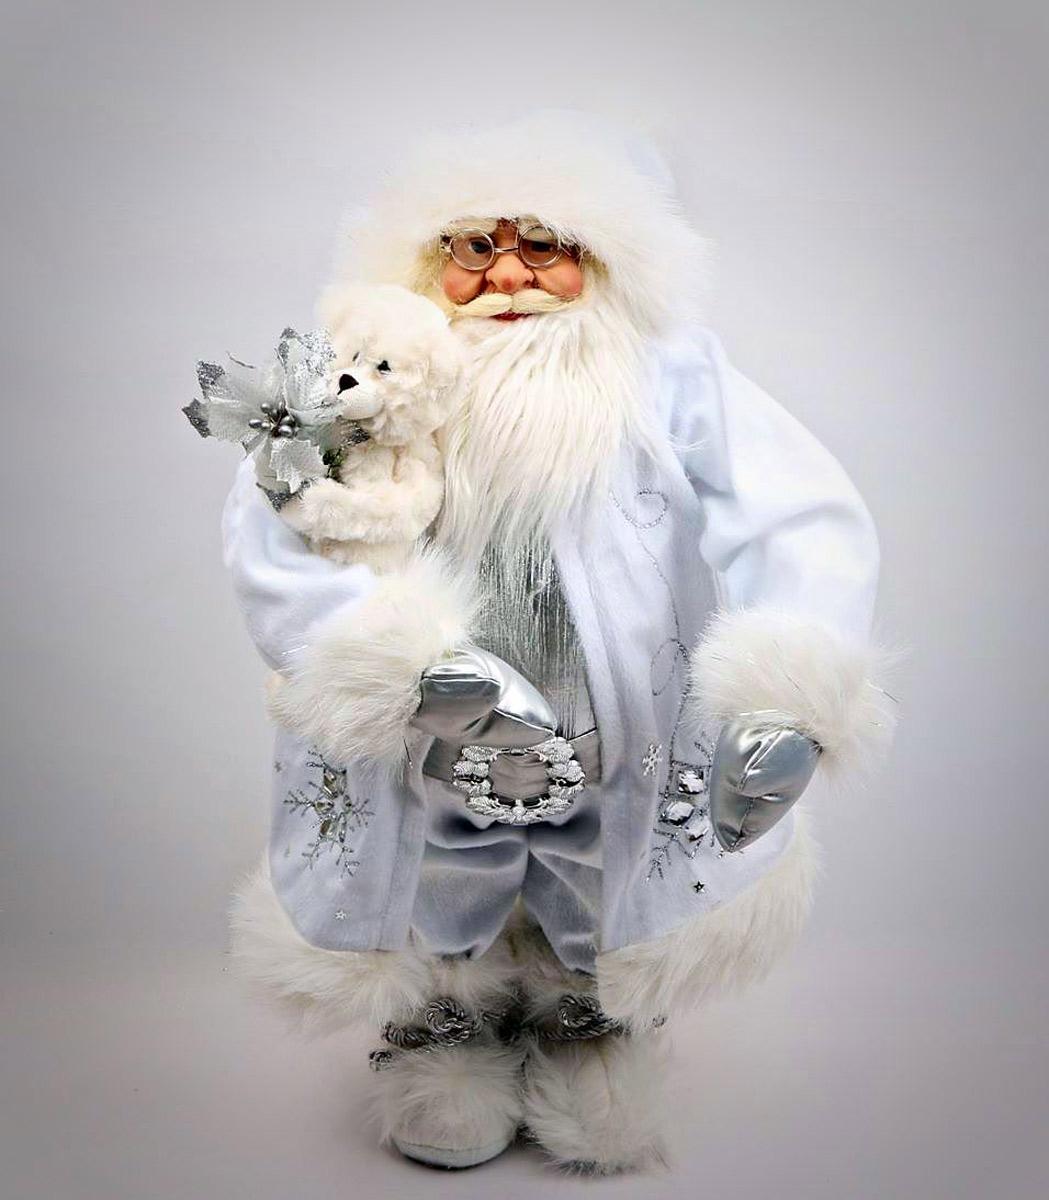 Кукла ESTRO, цвет: белый, диаметр 45 см. C21-181105G16323Кукла создана вручную, неповторима и оригинальна.Порадуйте своих друзей и близких этим замечательным подарком!